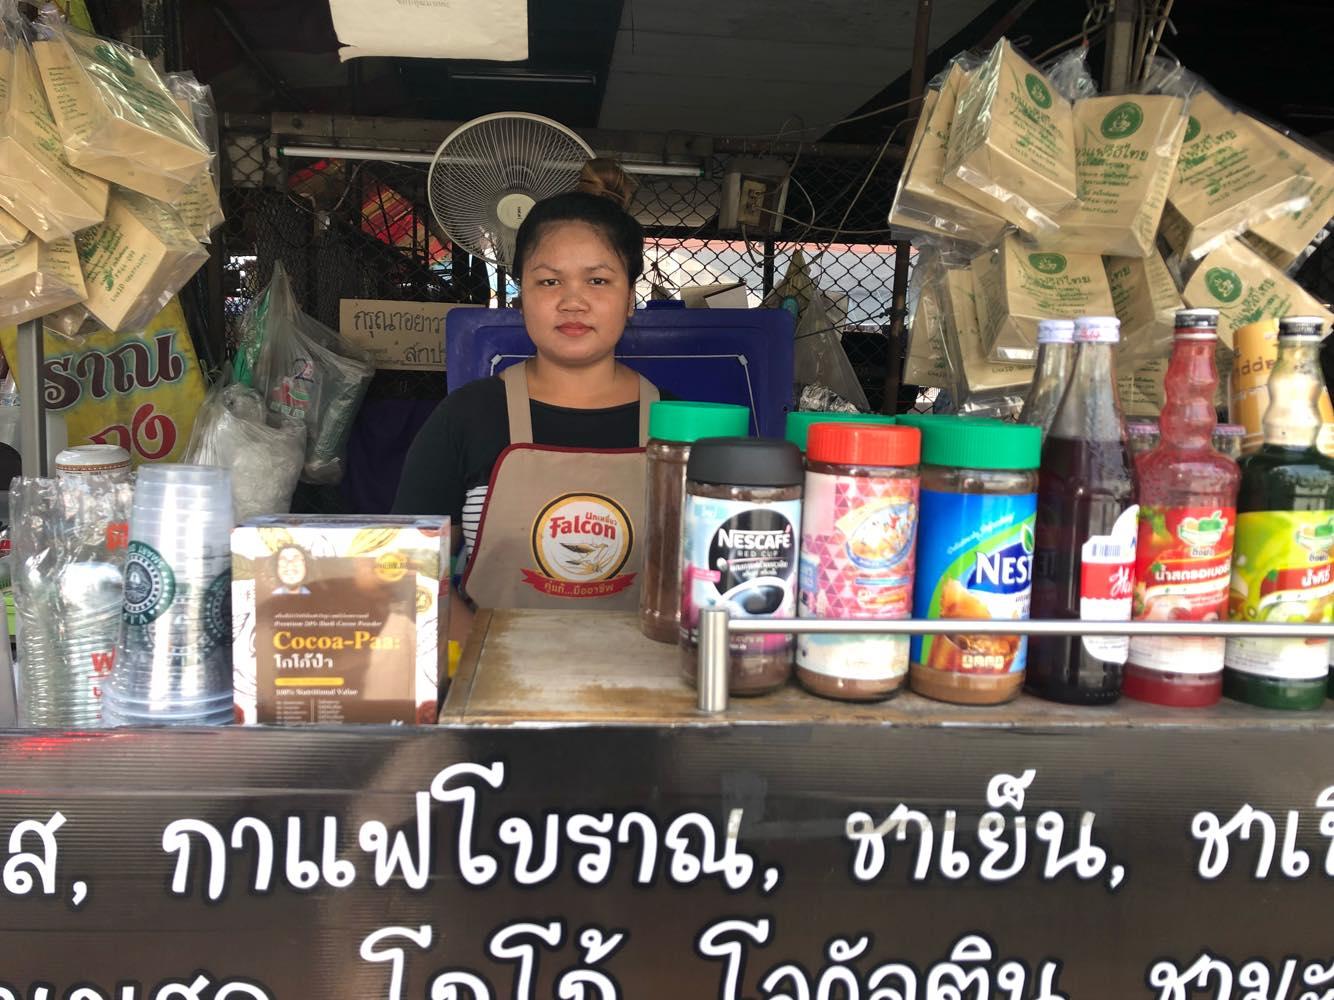 BTSオンヌット駅前のマーケットのコーヒー屋でアルバイトをする女性。彼女のシフトは正午まで。午後には別のアルバイトが来る。1日中忙しいコーヒー屋の経営にシフト制はぴったり